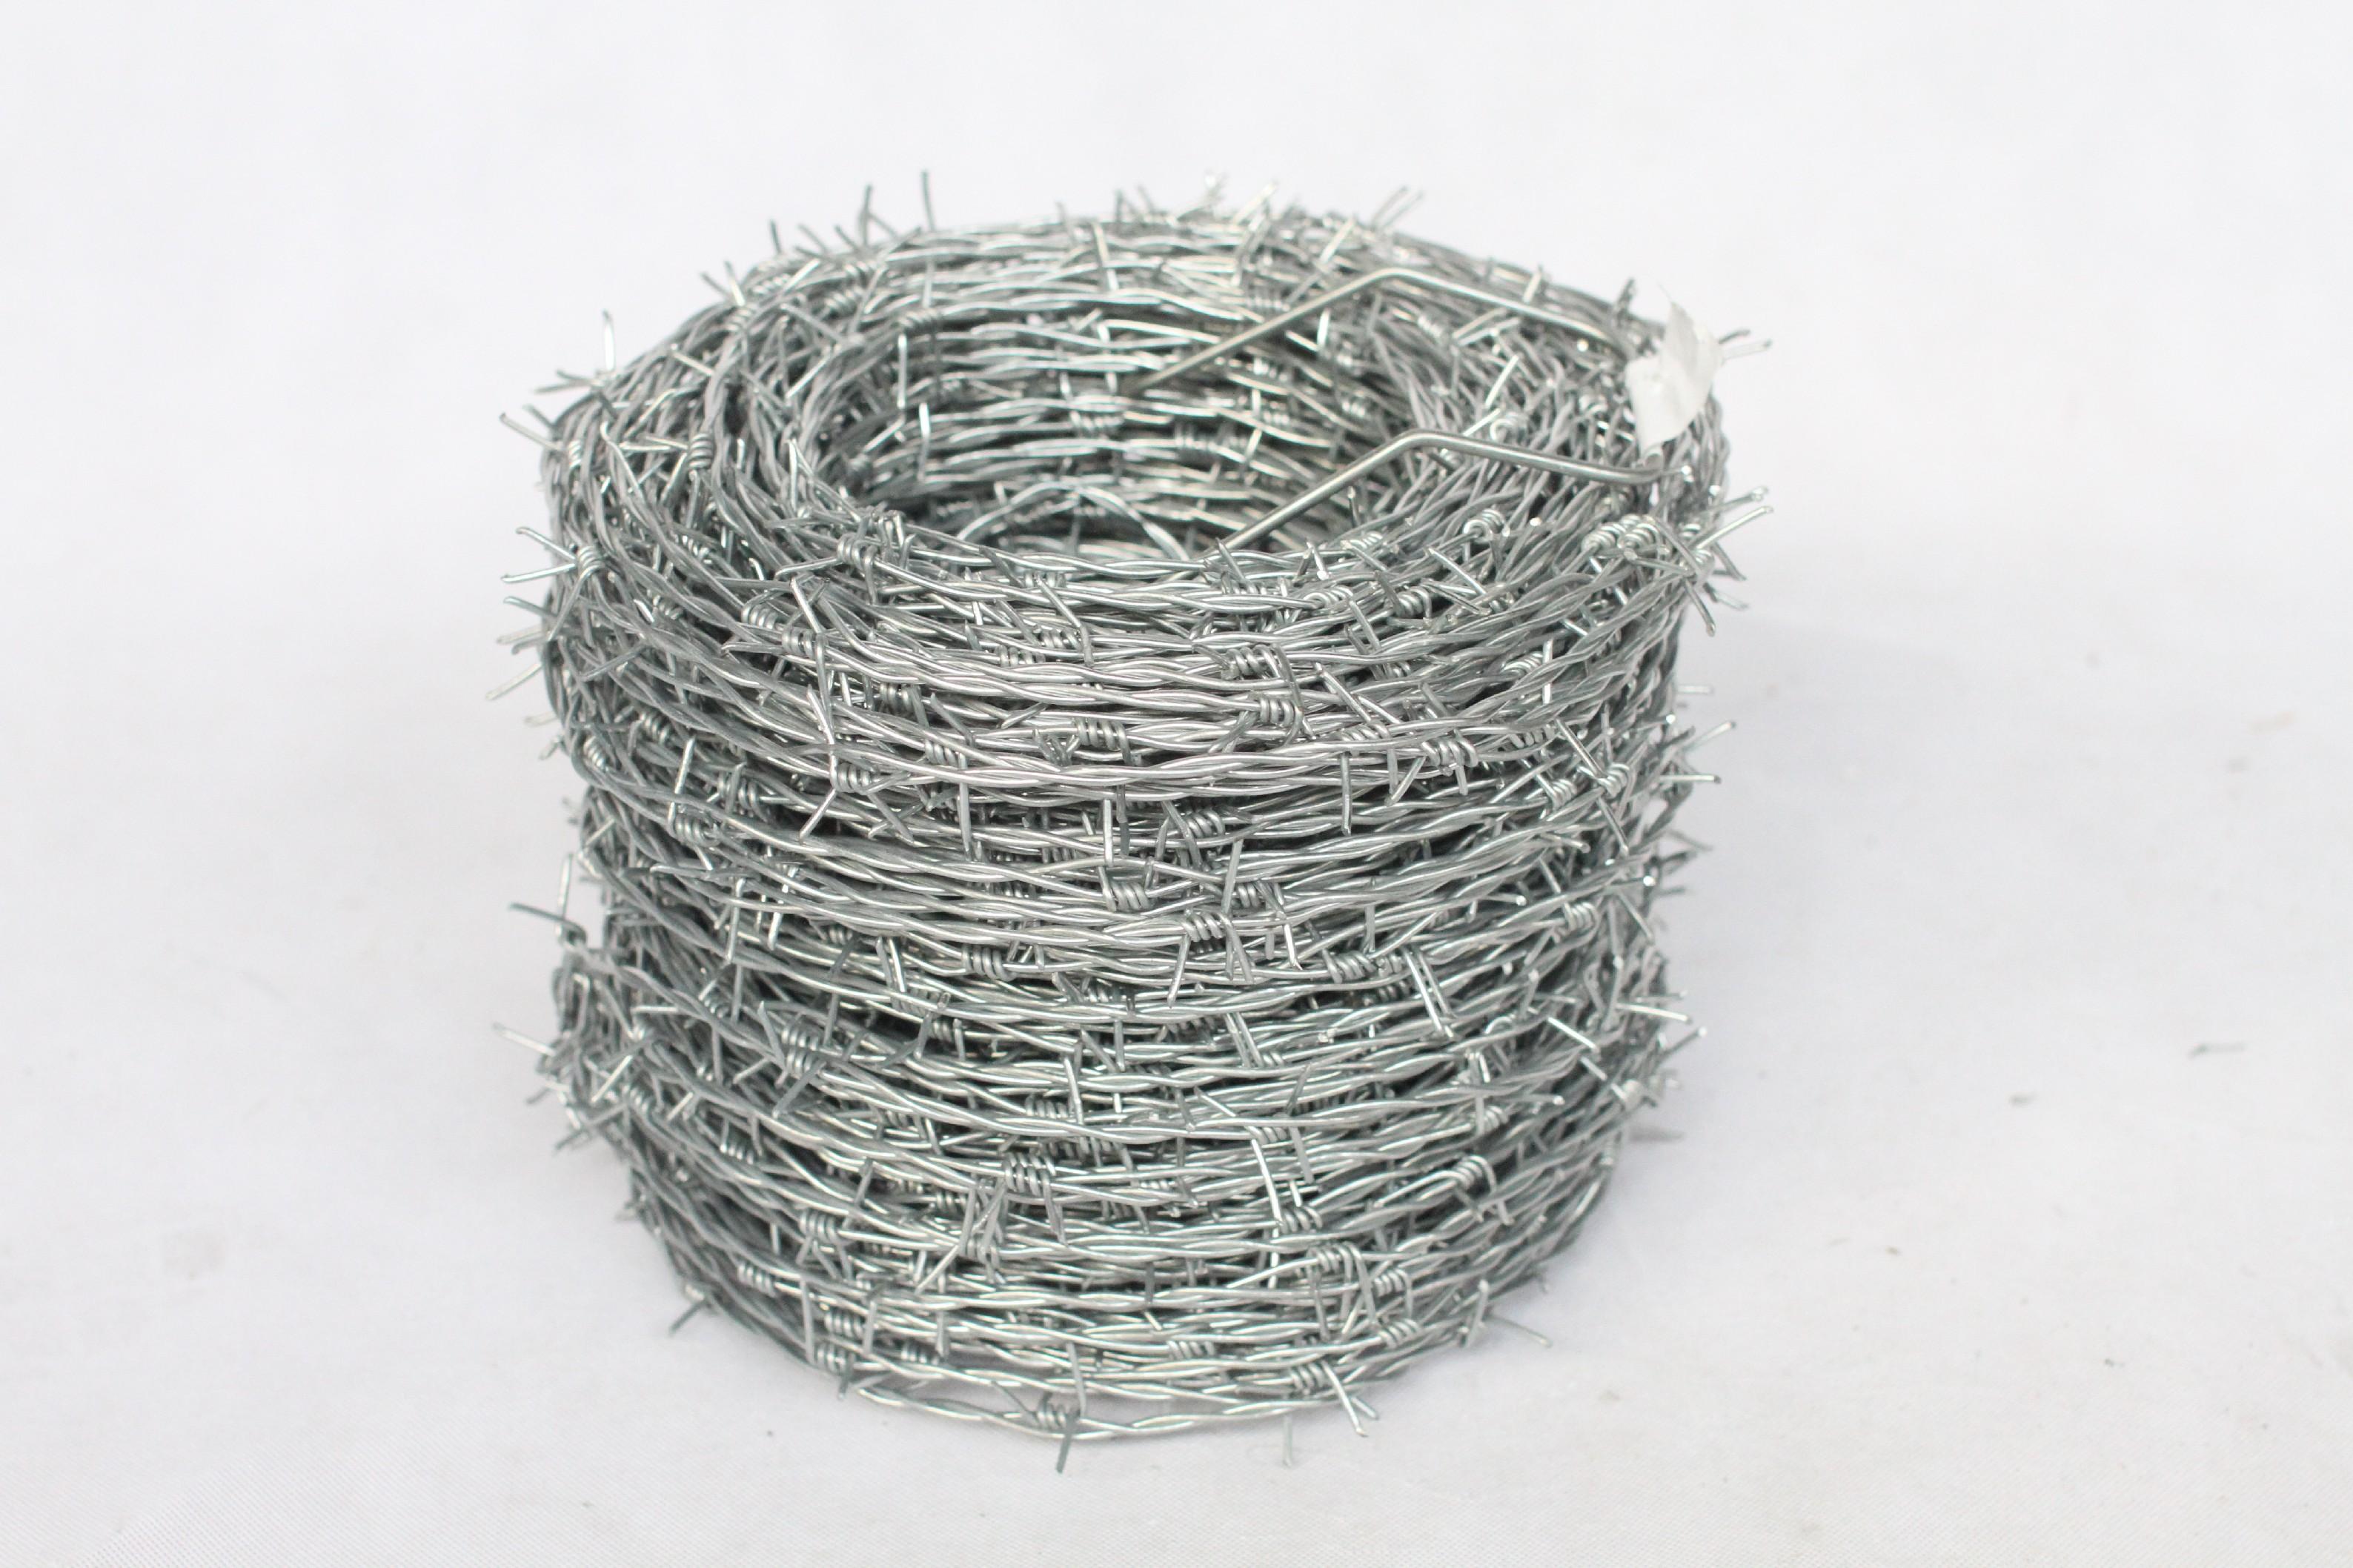 Ostnatý drát na plot pozinkovaný (Zn) průměr 1,8/2 mm, 250 m délka